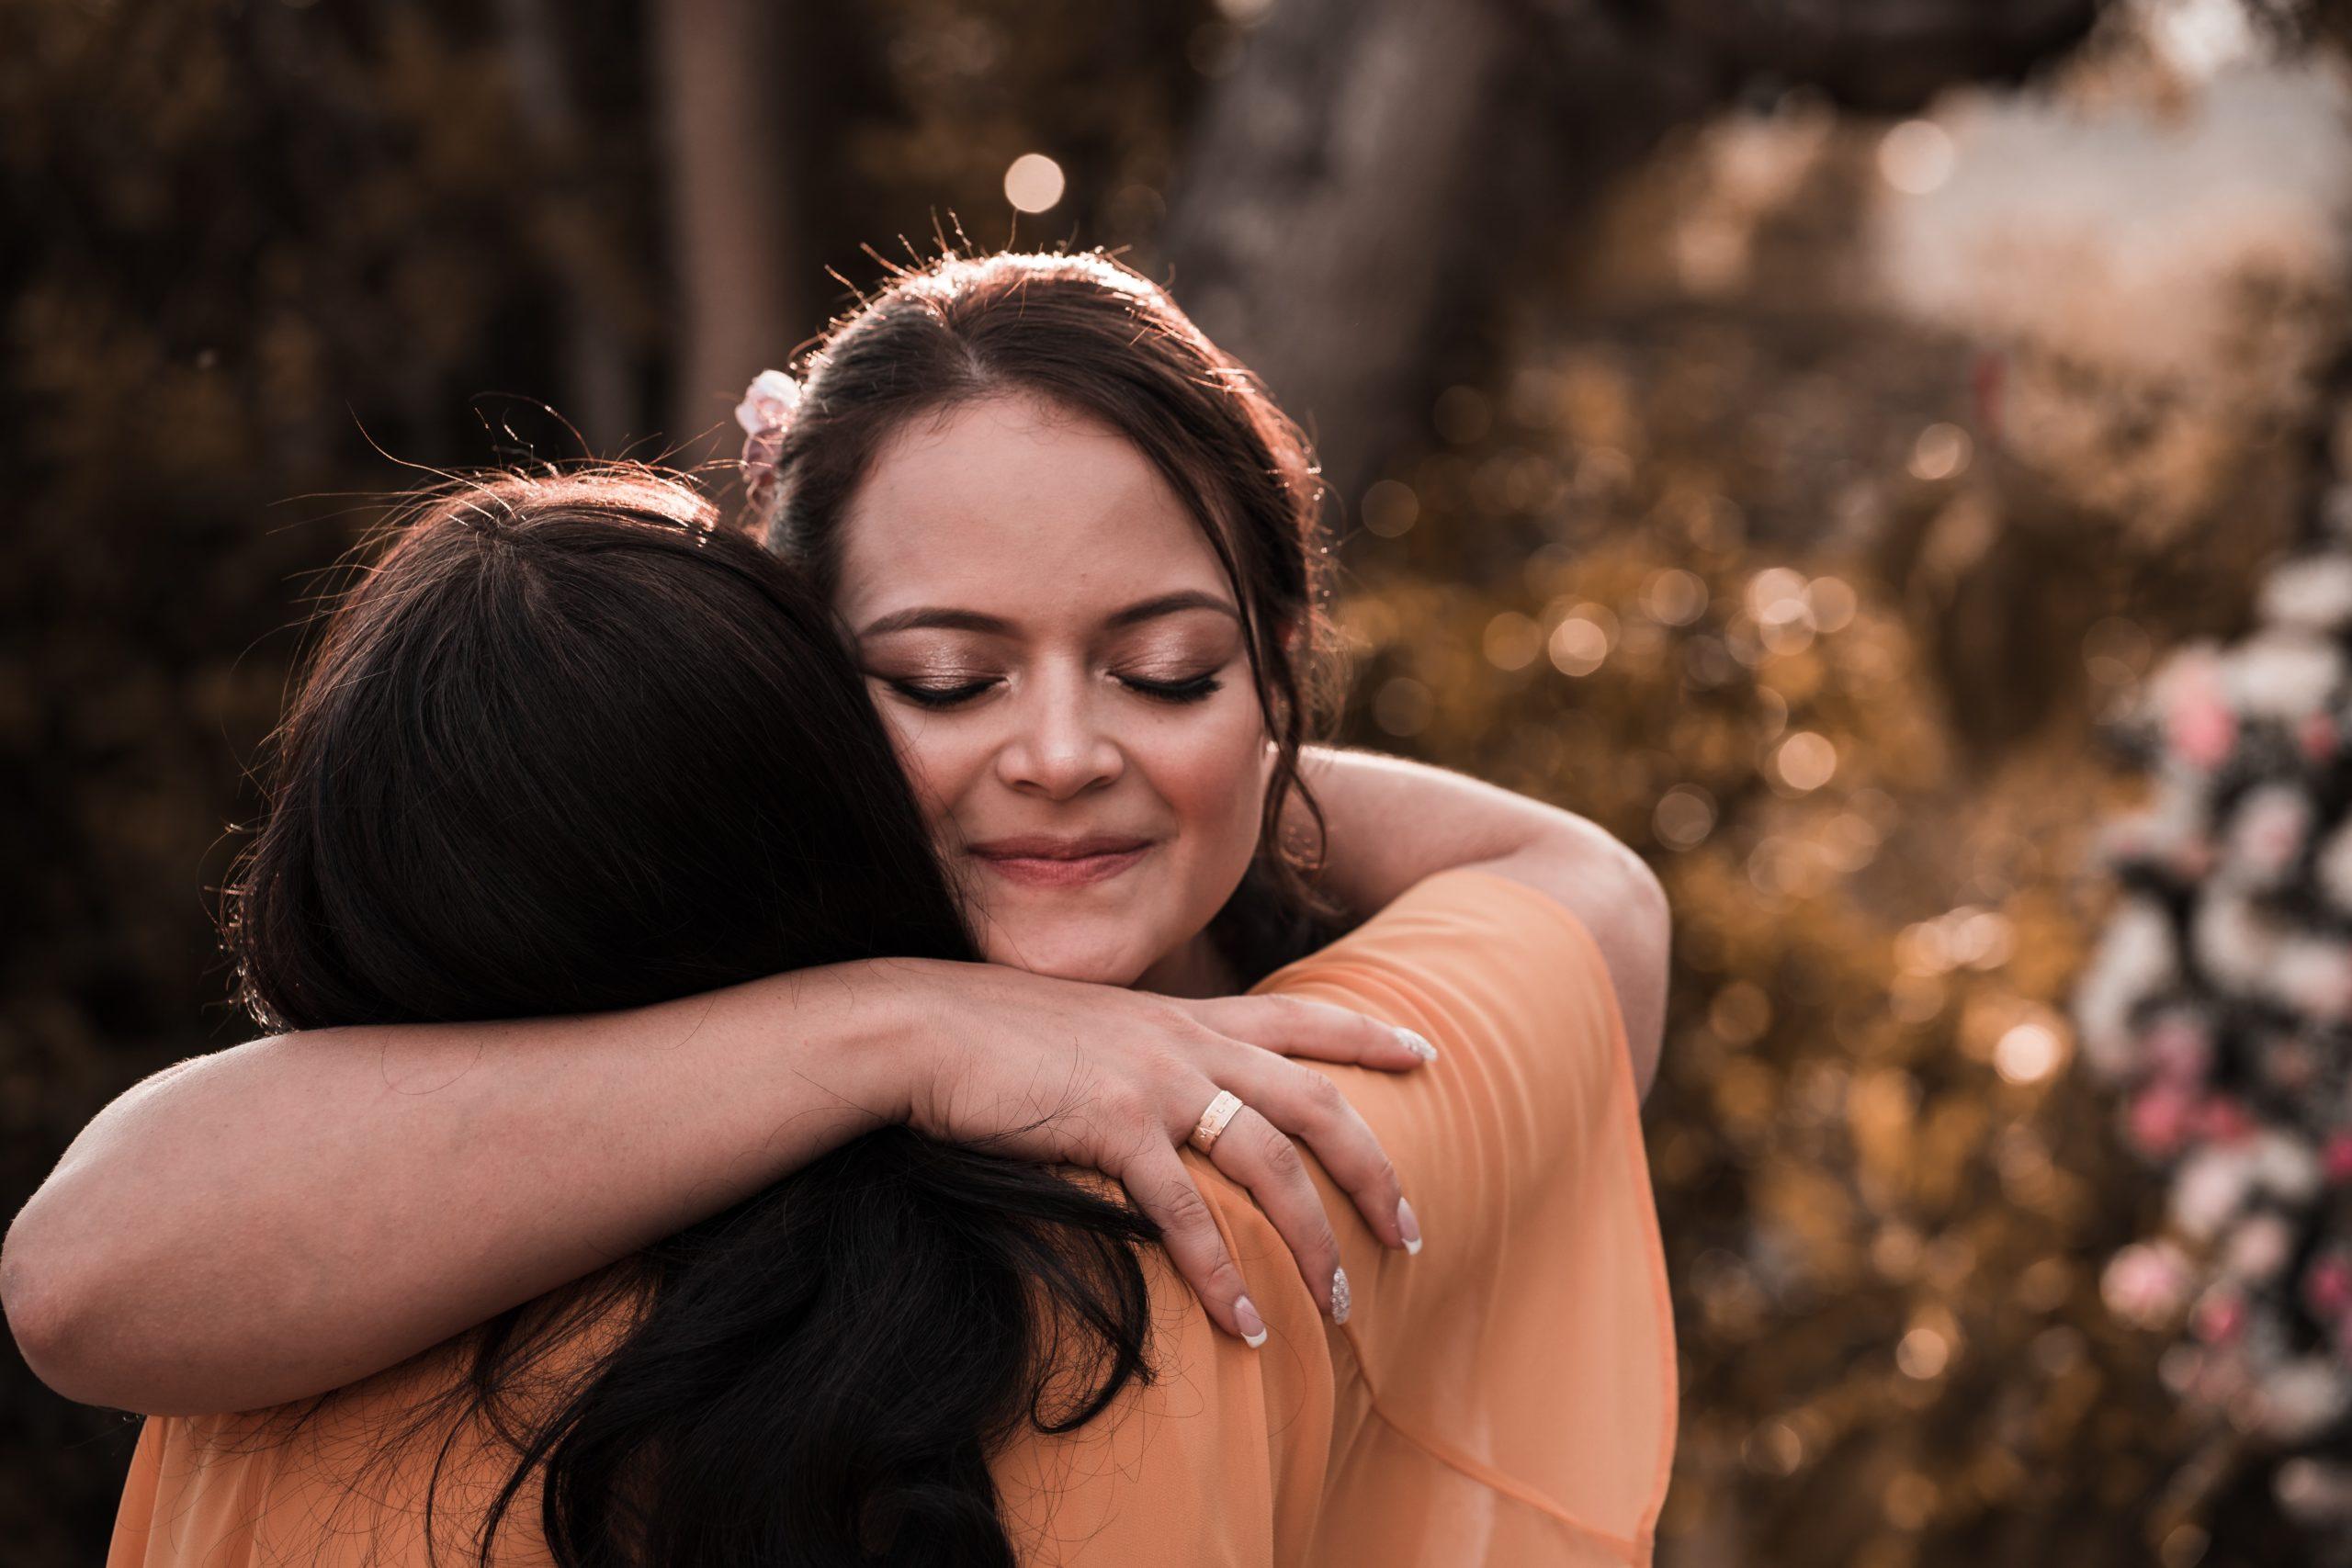 Le sens du toucher nous met en relation avec les autres alors soyons doux et faisons nos gestes en conscience.